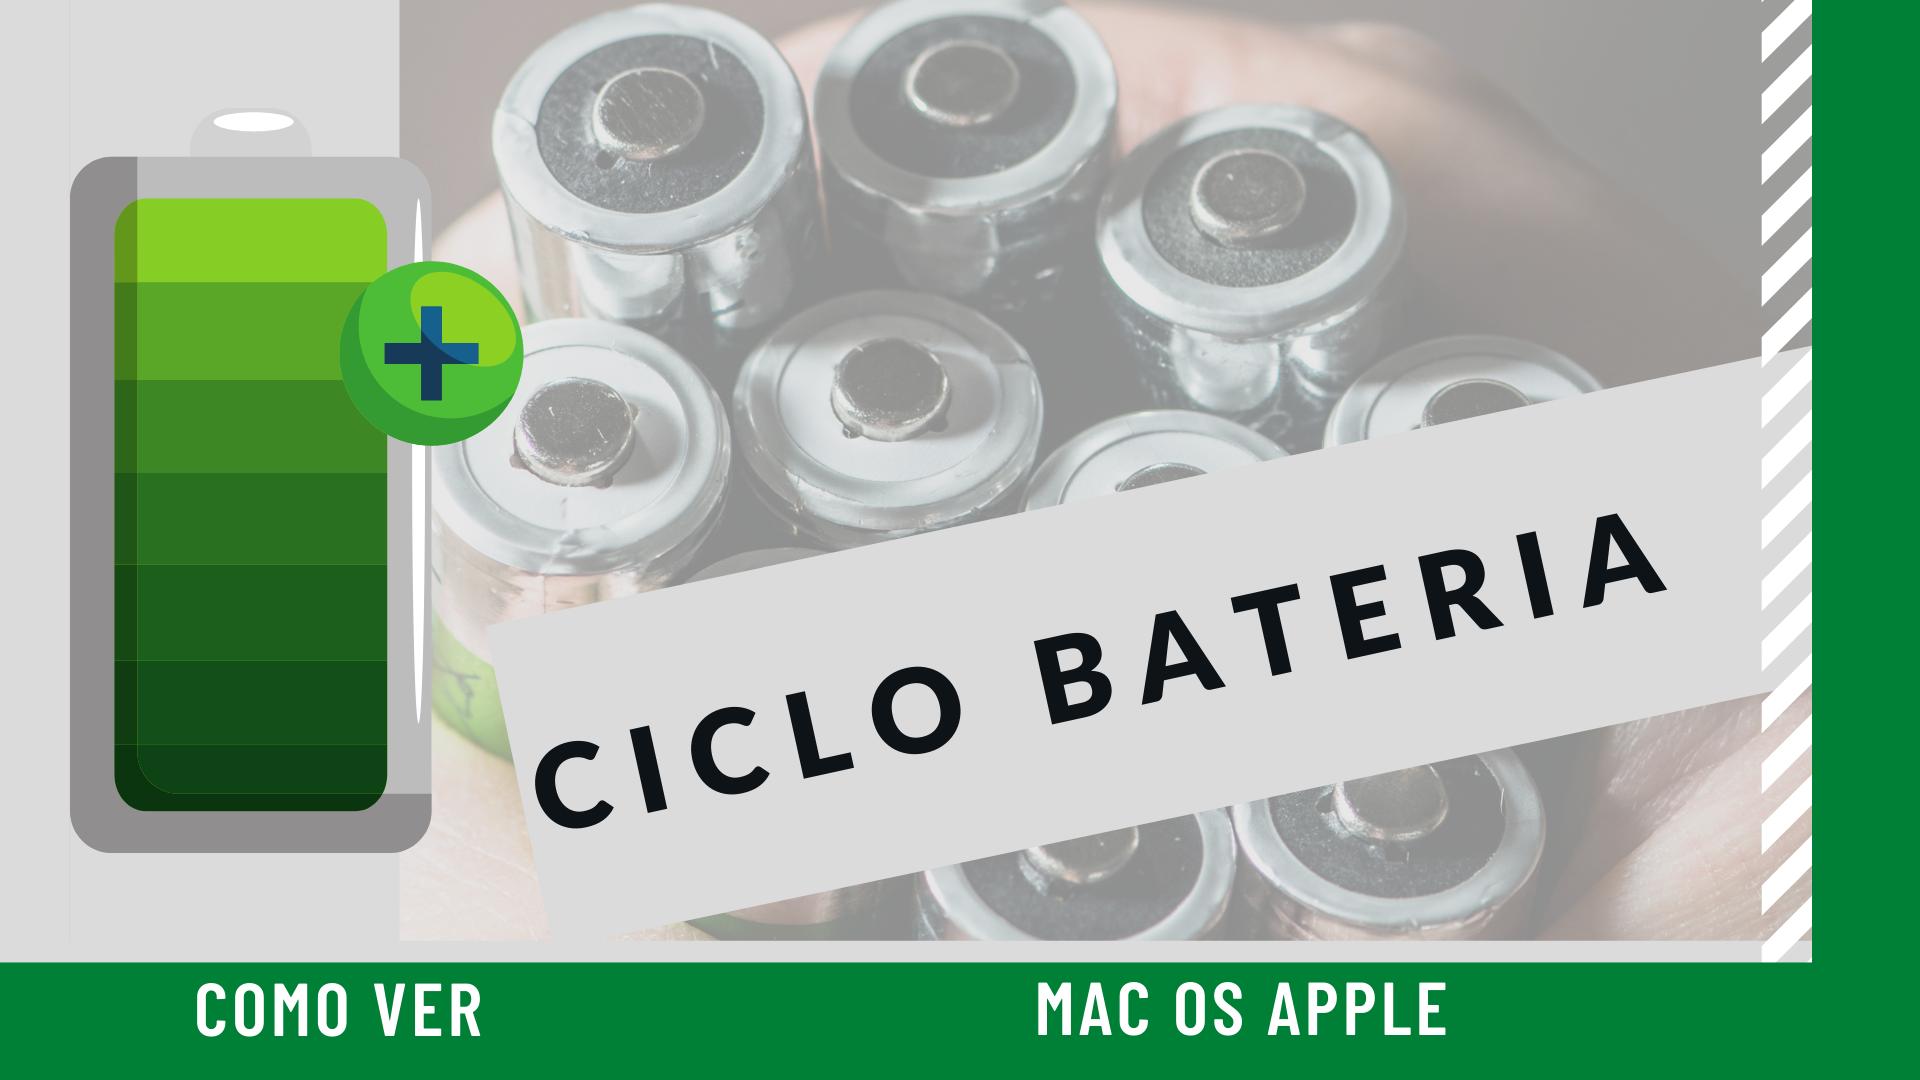 Como ver os ciclos da bateria do macbook no mac os